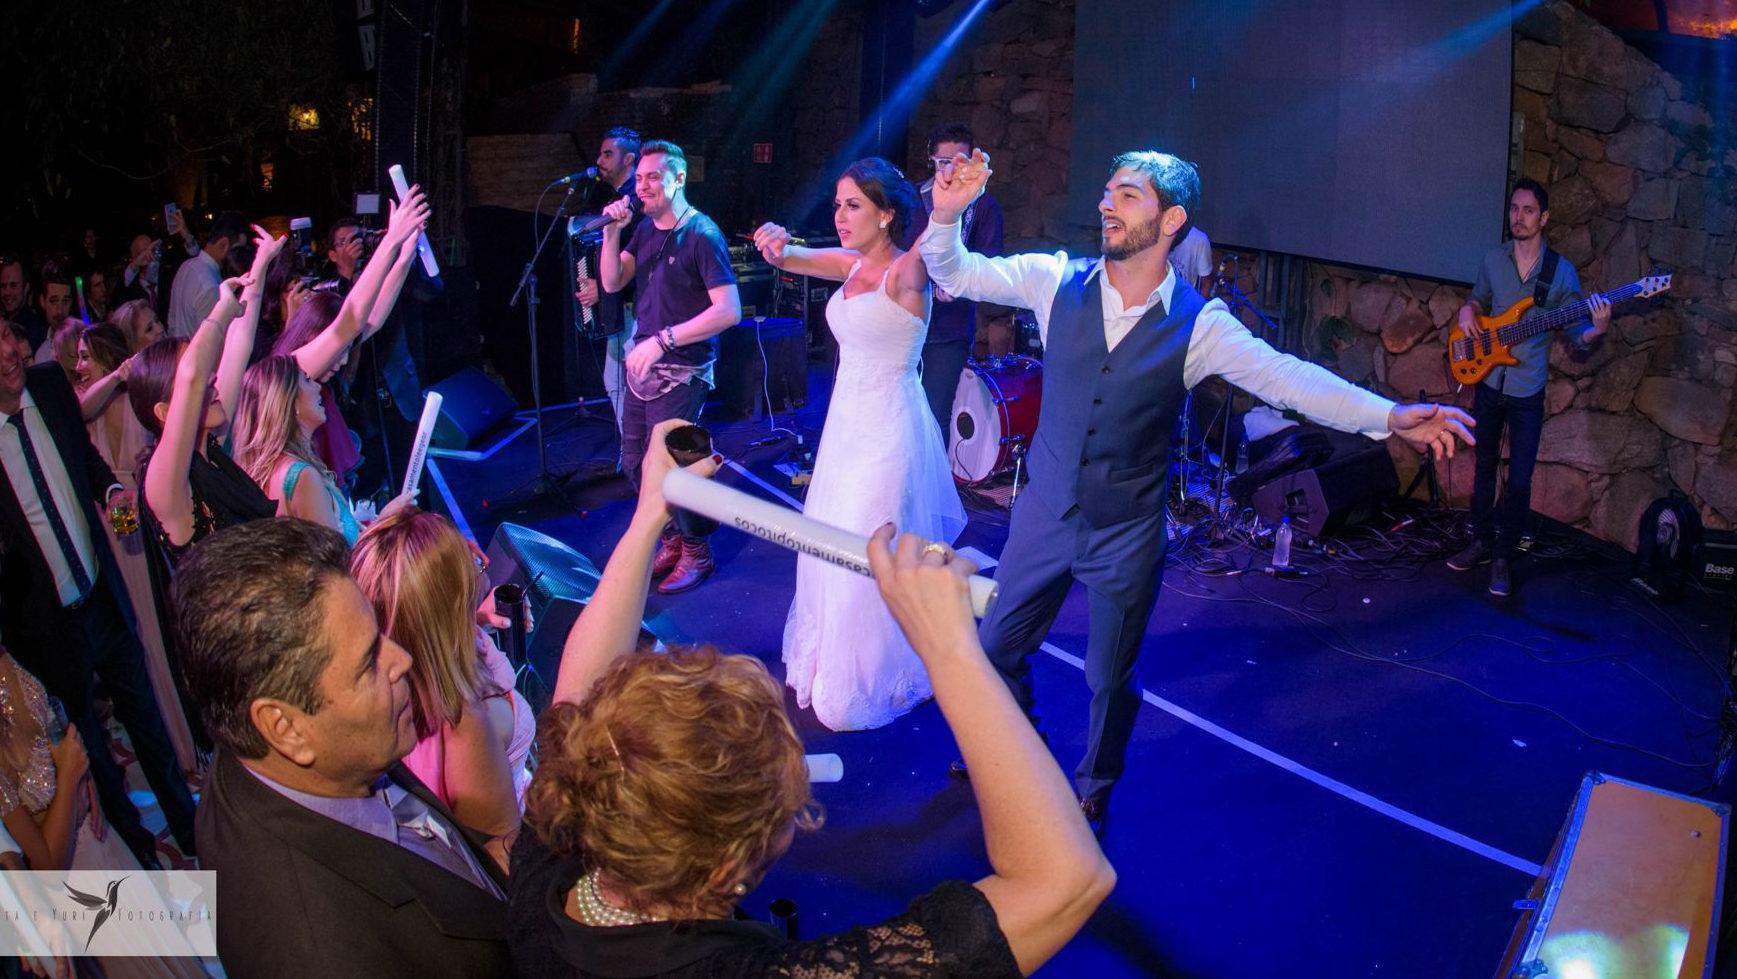 Banda para o casamento: Como acertar na escolha